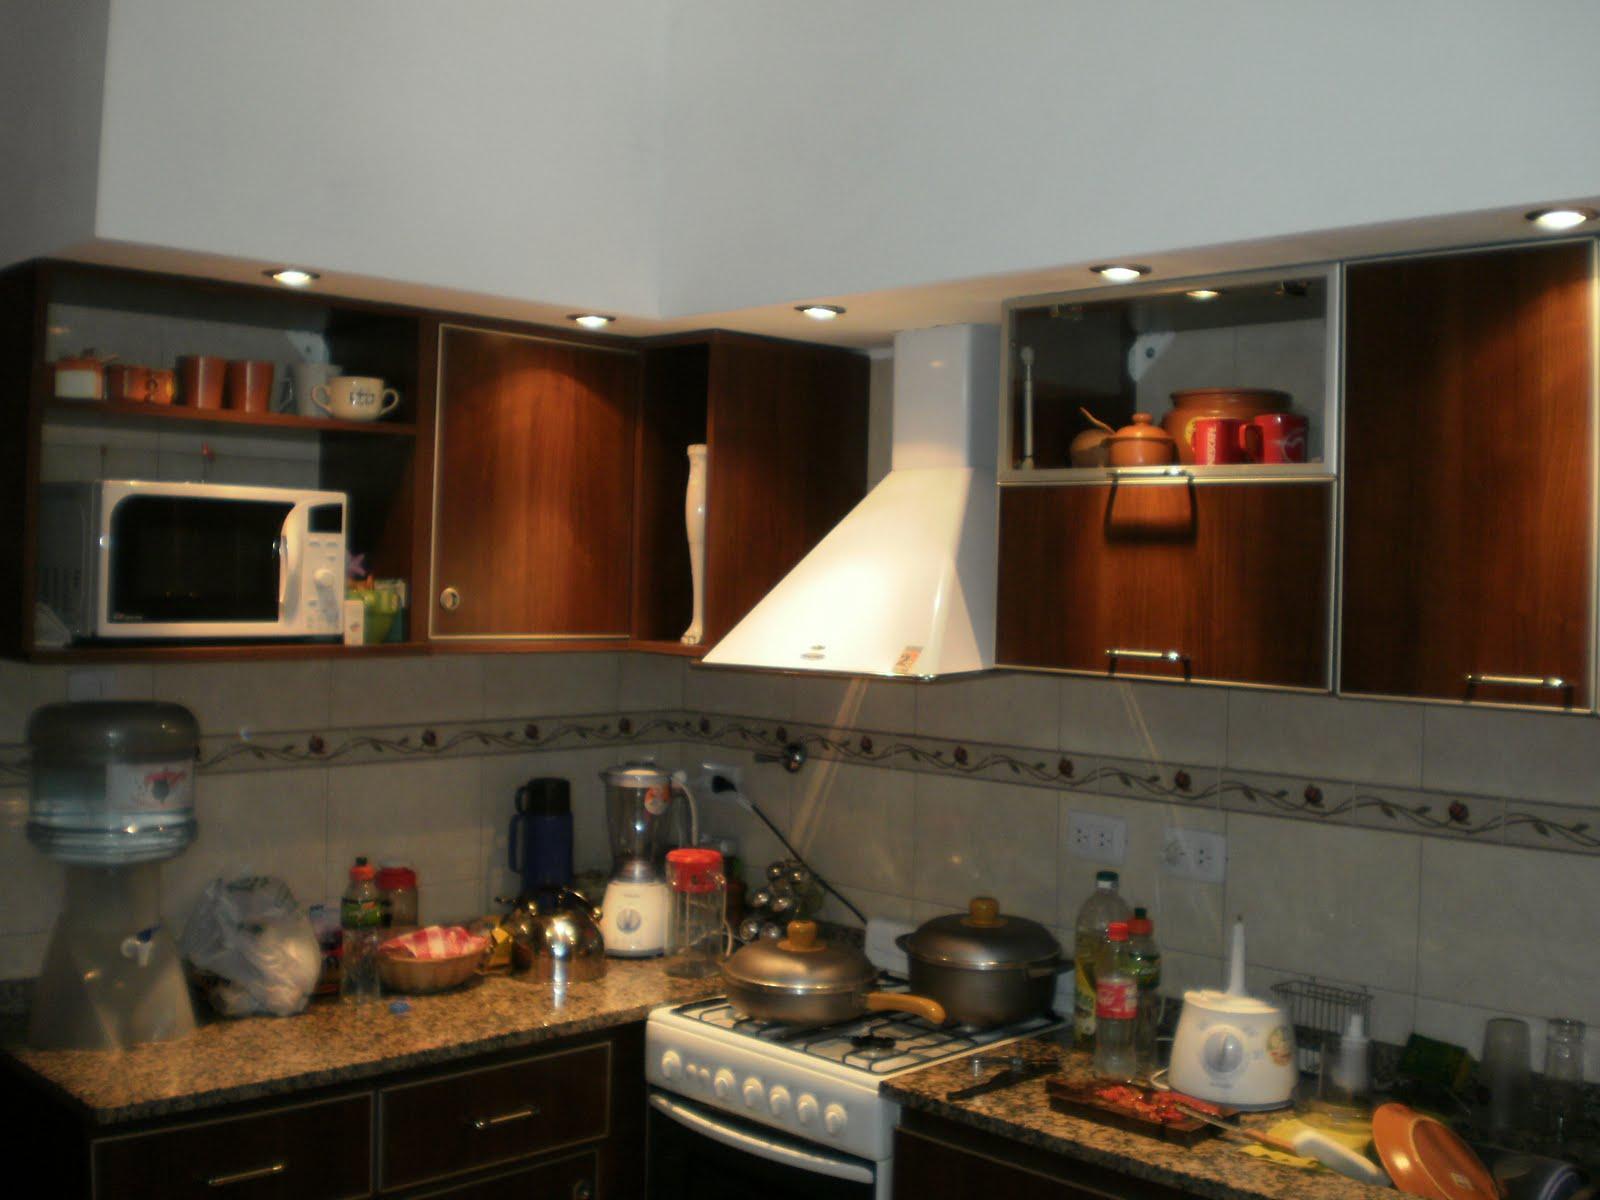 D f r muebles abril 2011 - Cocinas color nogal ...